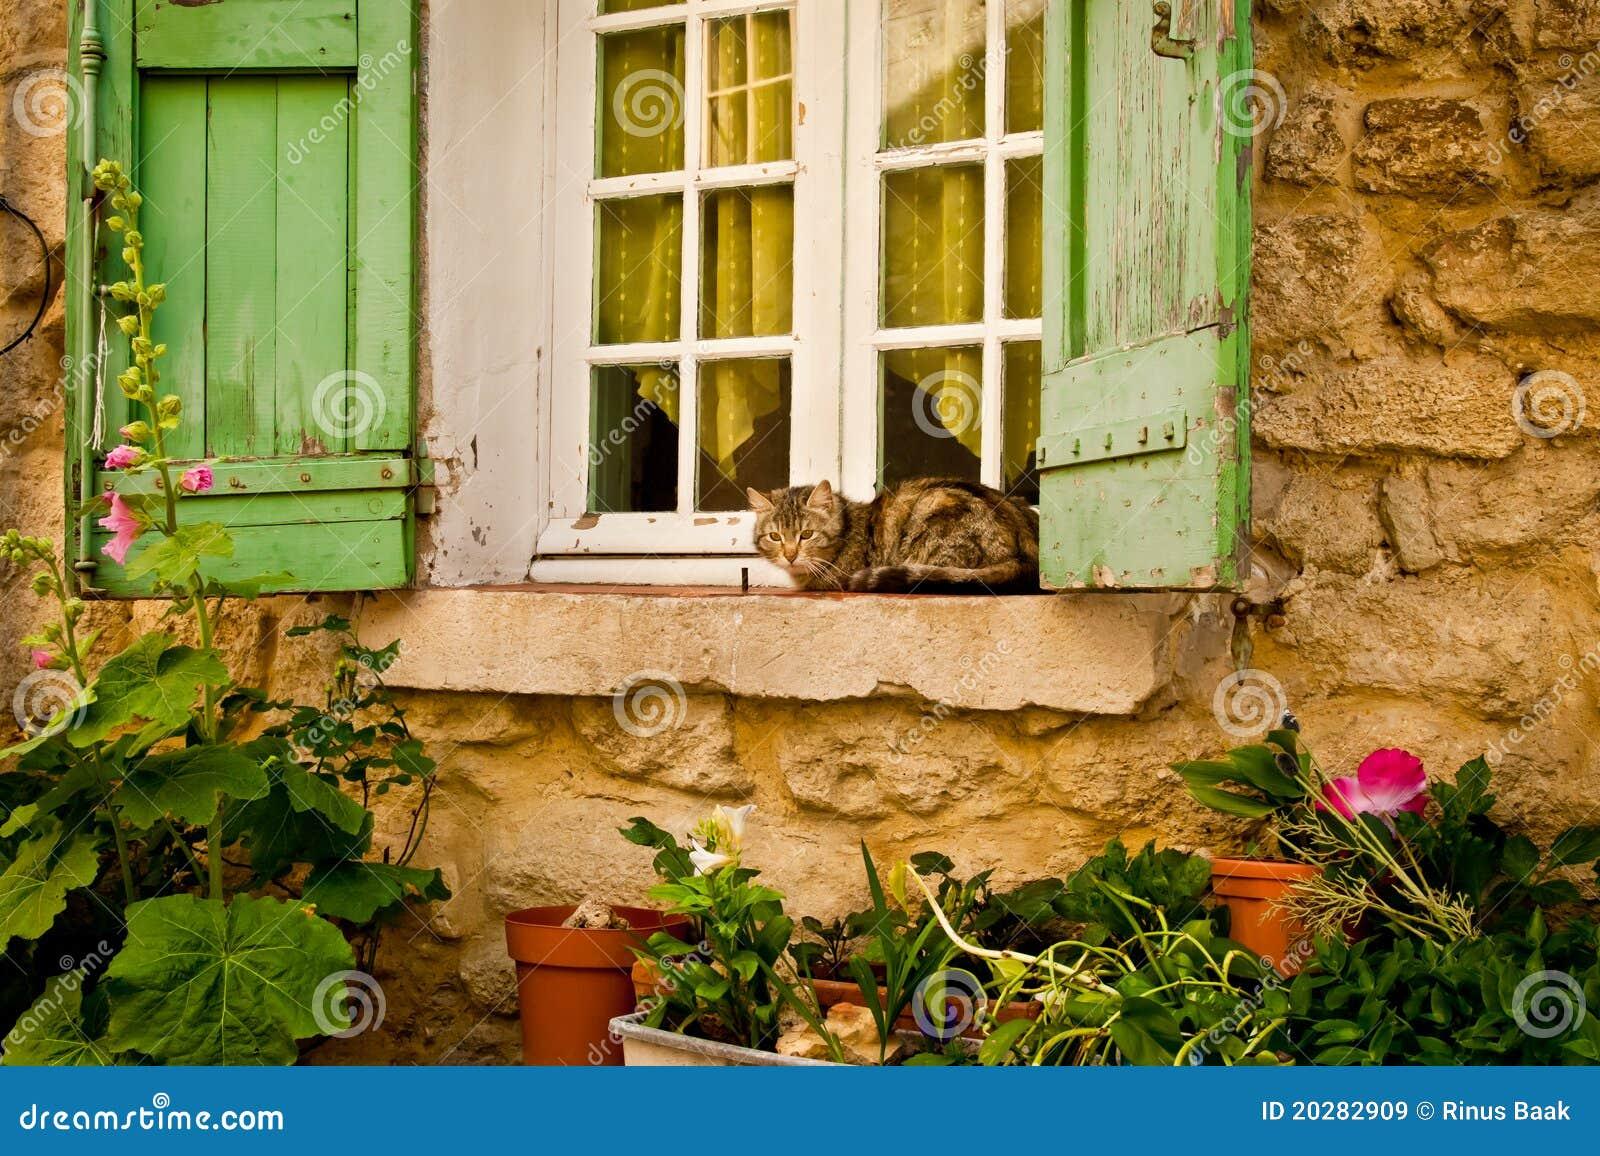 Gatto della camera sul davanzale della finestra immagine stock immagine di pianta gatto 20282909 - Davanzale finestra ...